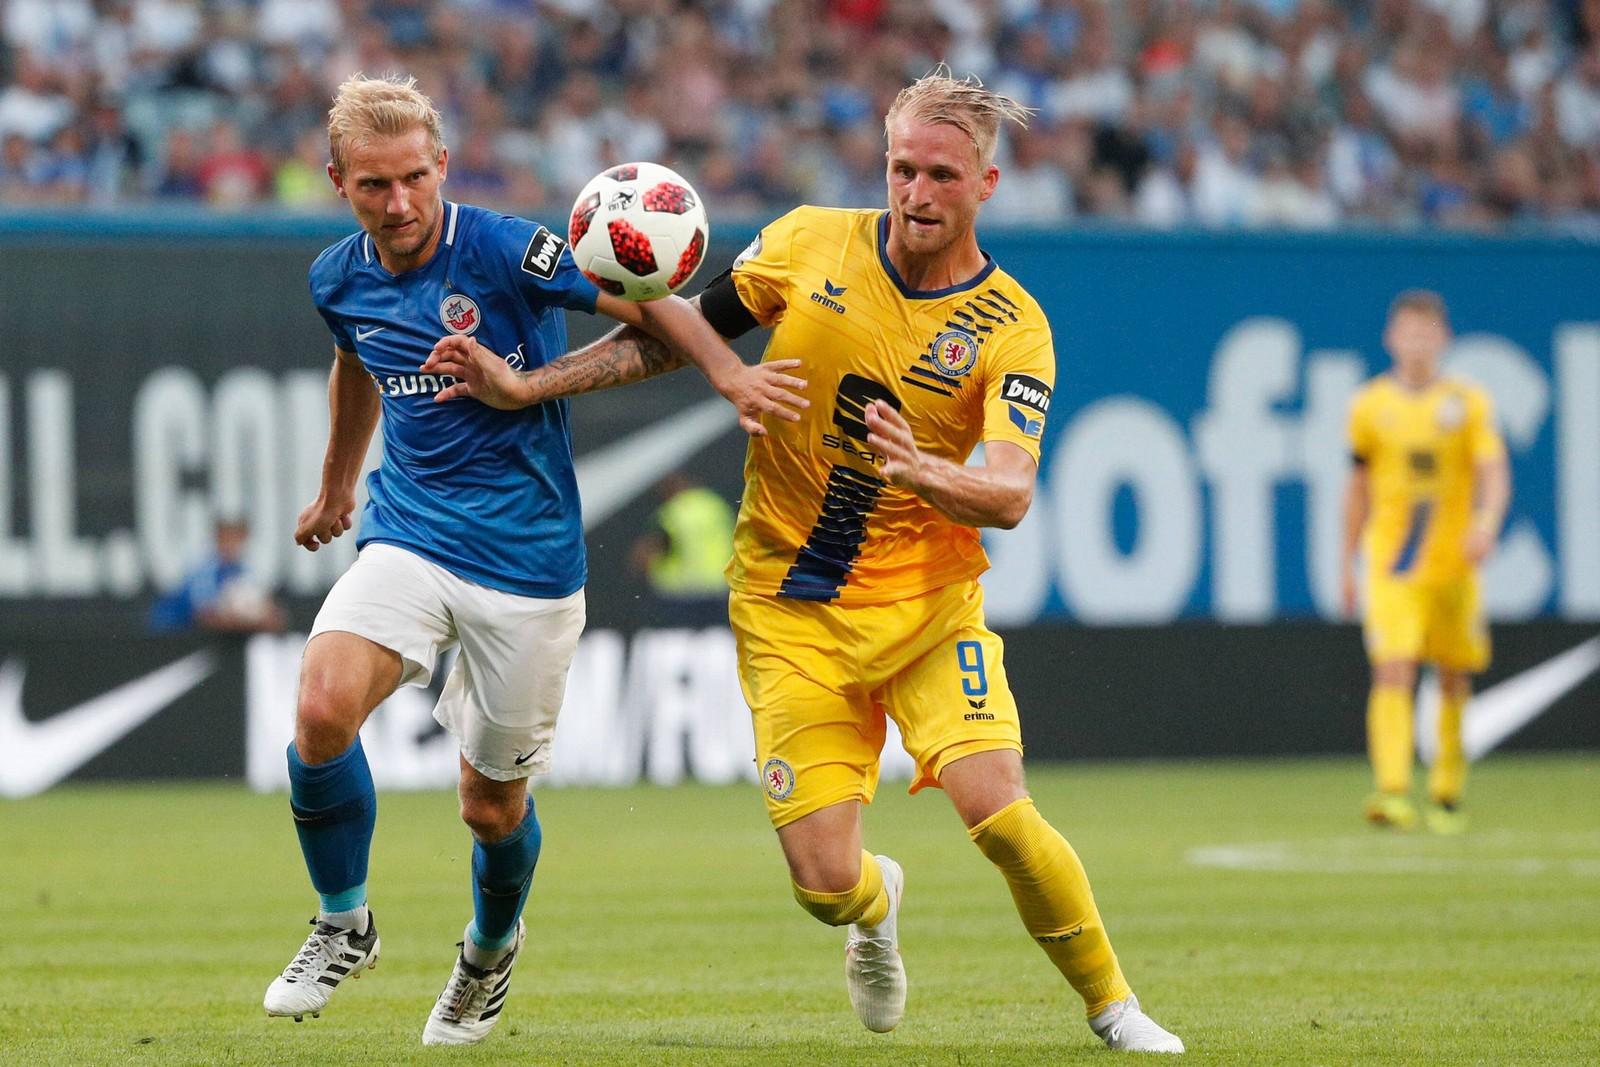 Stefan Wannenwetsch von Hansa Rostock gegen Philipp Hofmann von Eintracht Braunschweig